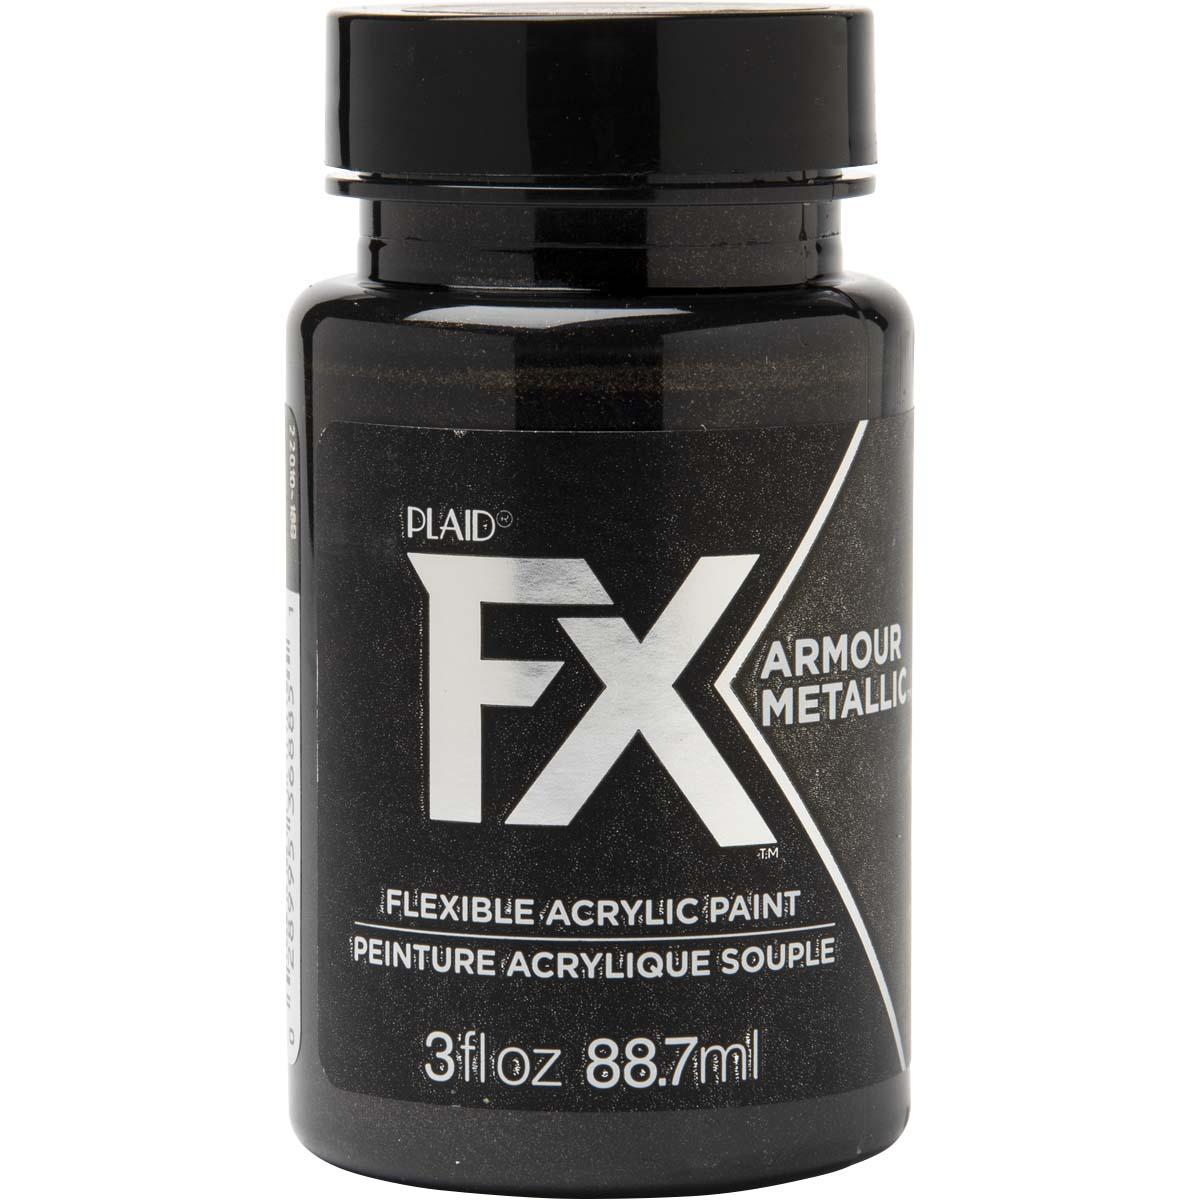 PlaidFX Armour Metal Flexible Acrylic Paint - Gauntlet, 3 oz. - 36885